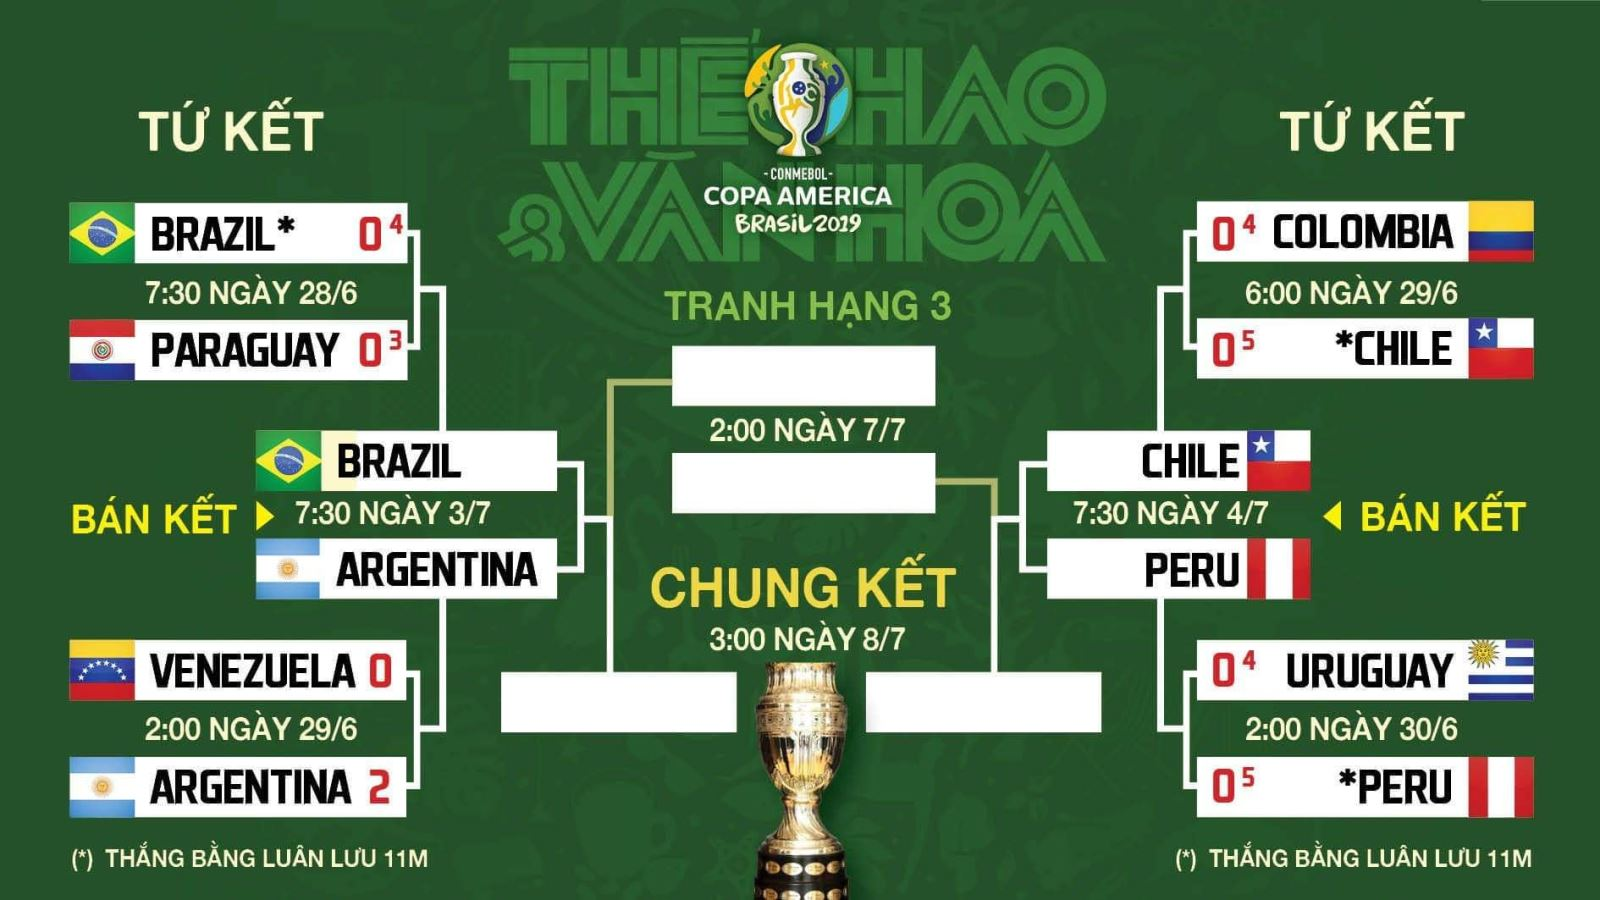 Kết quả Copa America 2019, Kết quả Copa America, Kết quả Copa America Nam Mỹ 2019, Kết quả bóng đá Copa America 2019, kết quả bóng đá Nam Mỹ, kết quả Copa